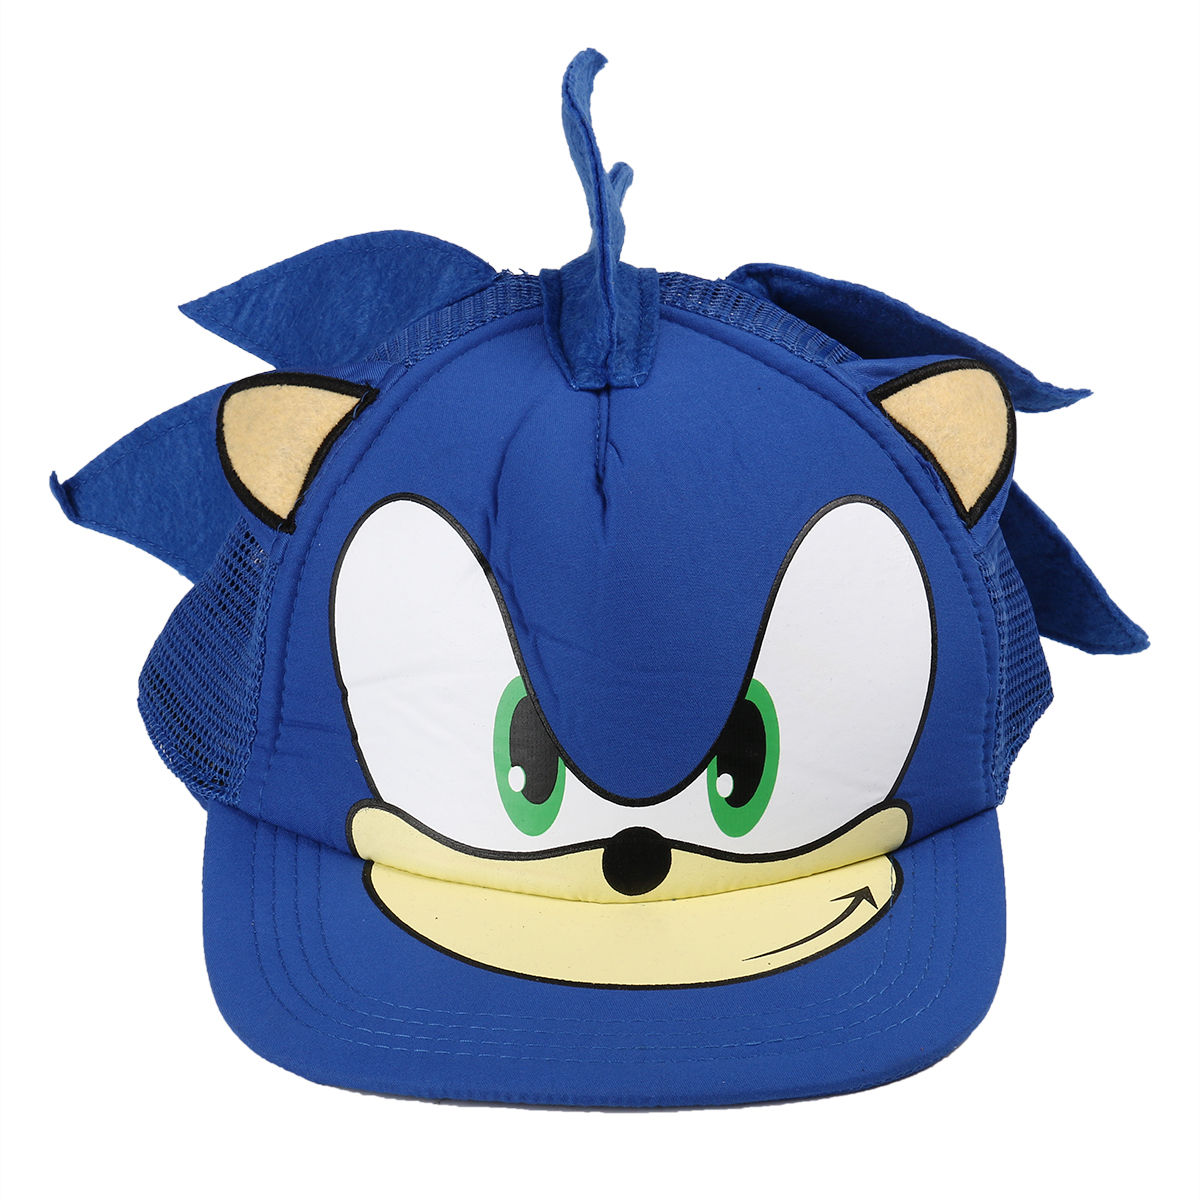 Jungen Kleidung Netter Junge Sonic The Hedgehog Cartoon Jugend Verstellbare Baseball-mütze Cap Blau Für Jungen Heißer Verkauf